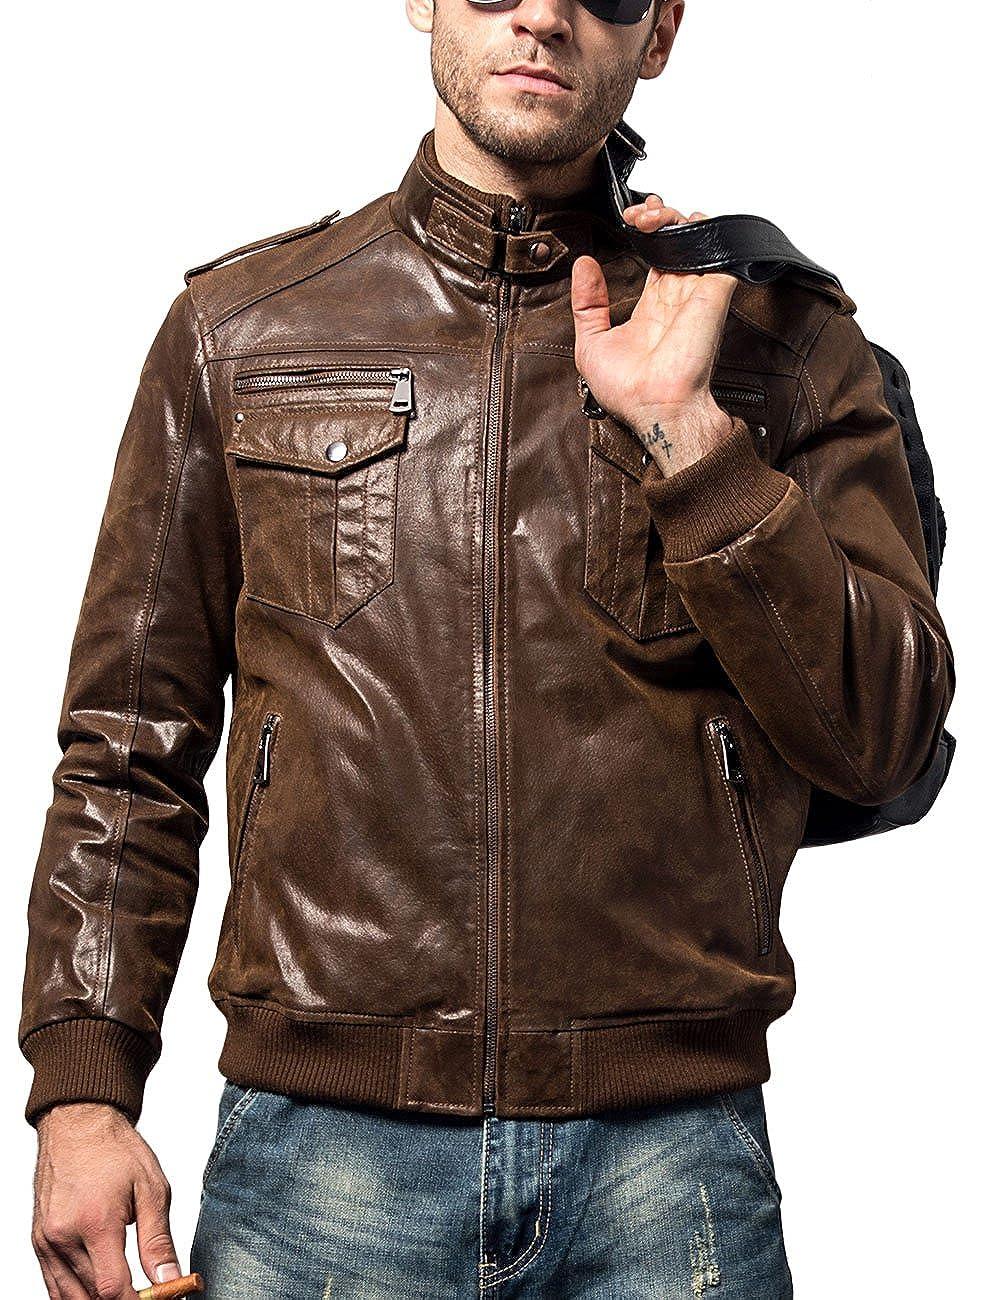 Amazon.com: FLAVOR - Chaqueta de piel para hombre, estilo ...